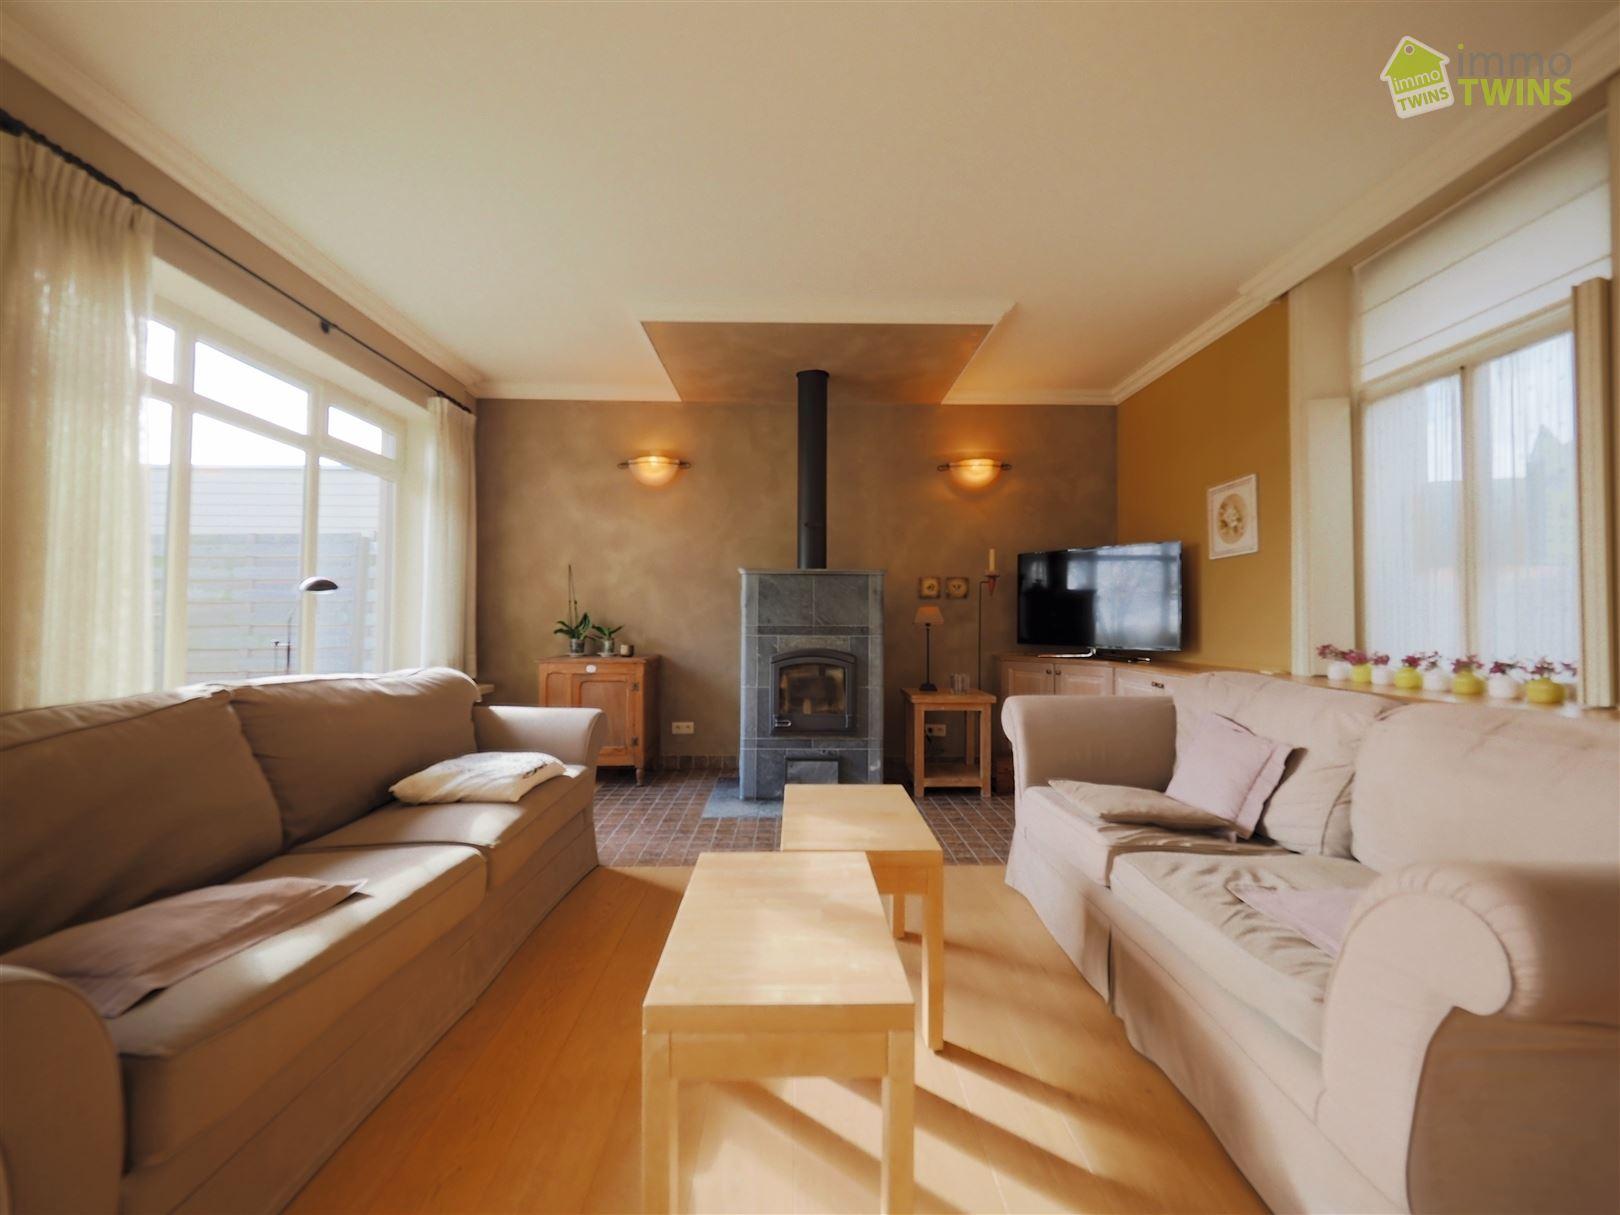 Foto 3 : Woning te 9240 ZELE (België) - Prijs € 420.000